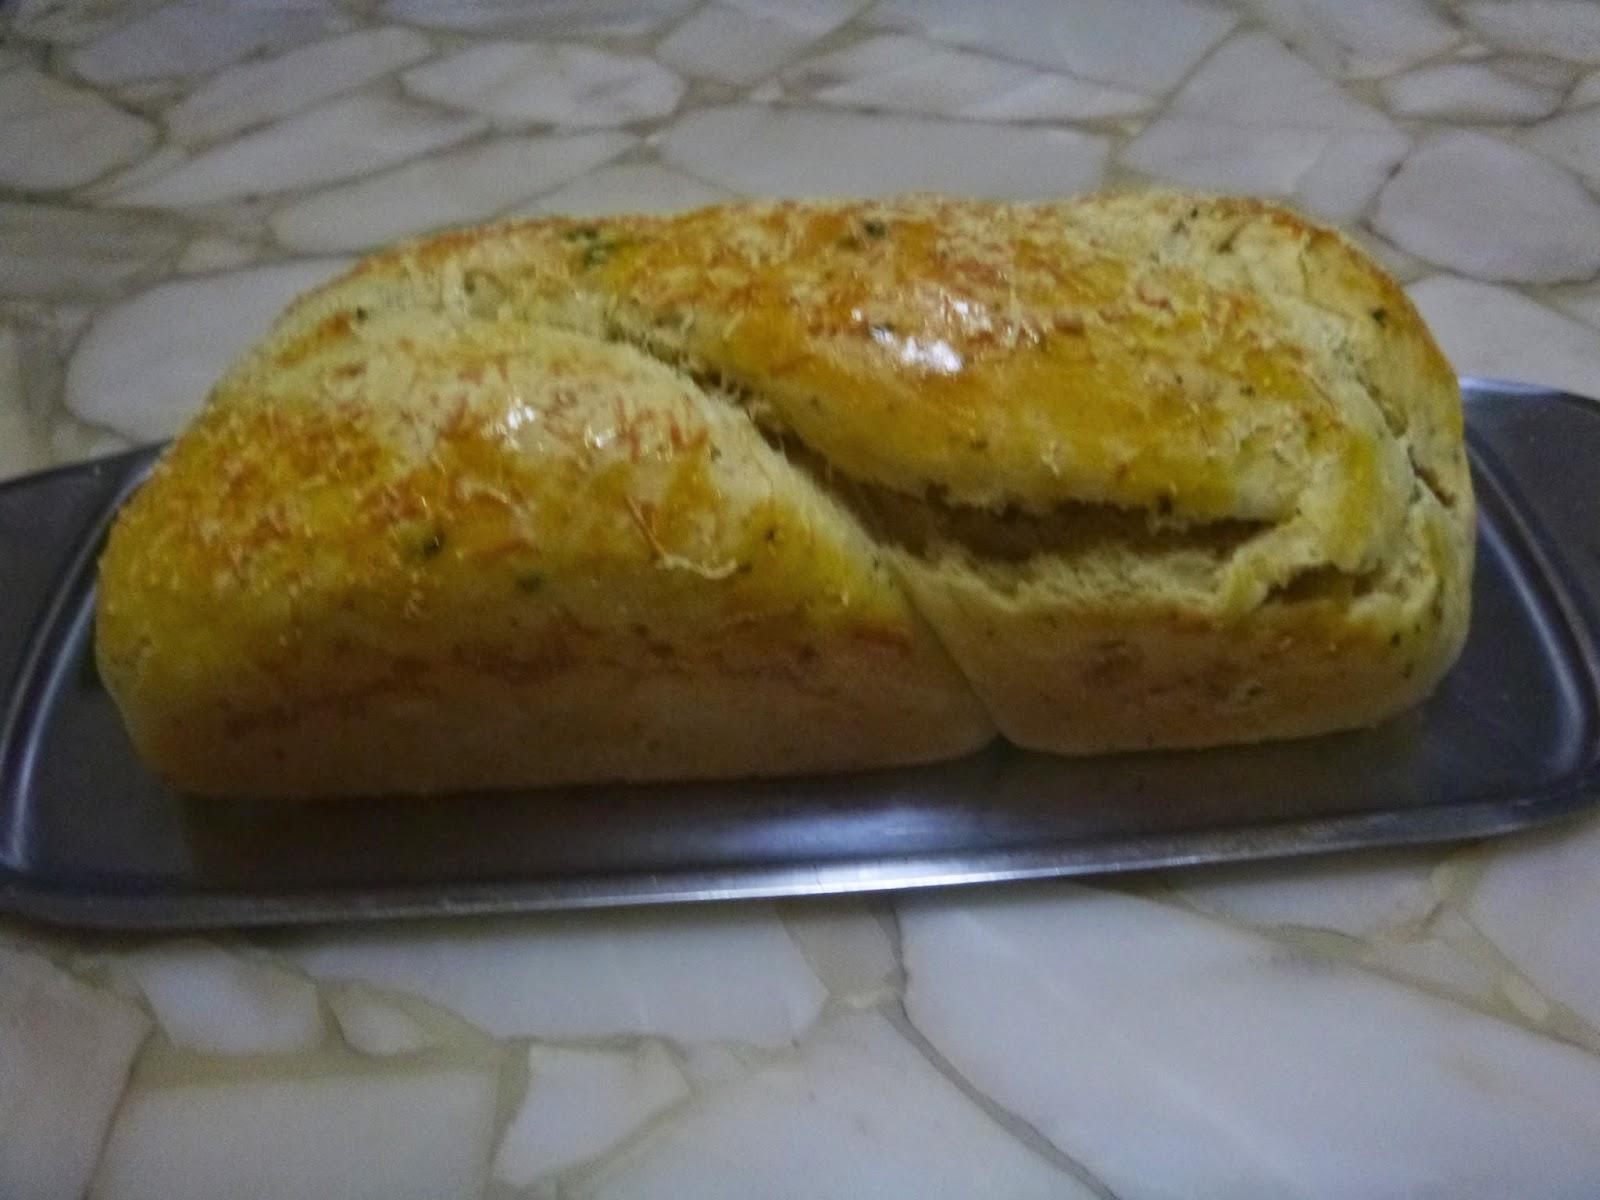 http://teresacintra.blogspot.com/